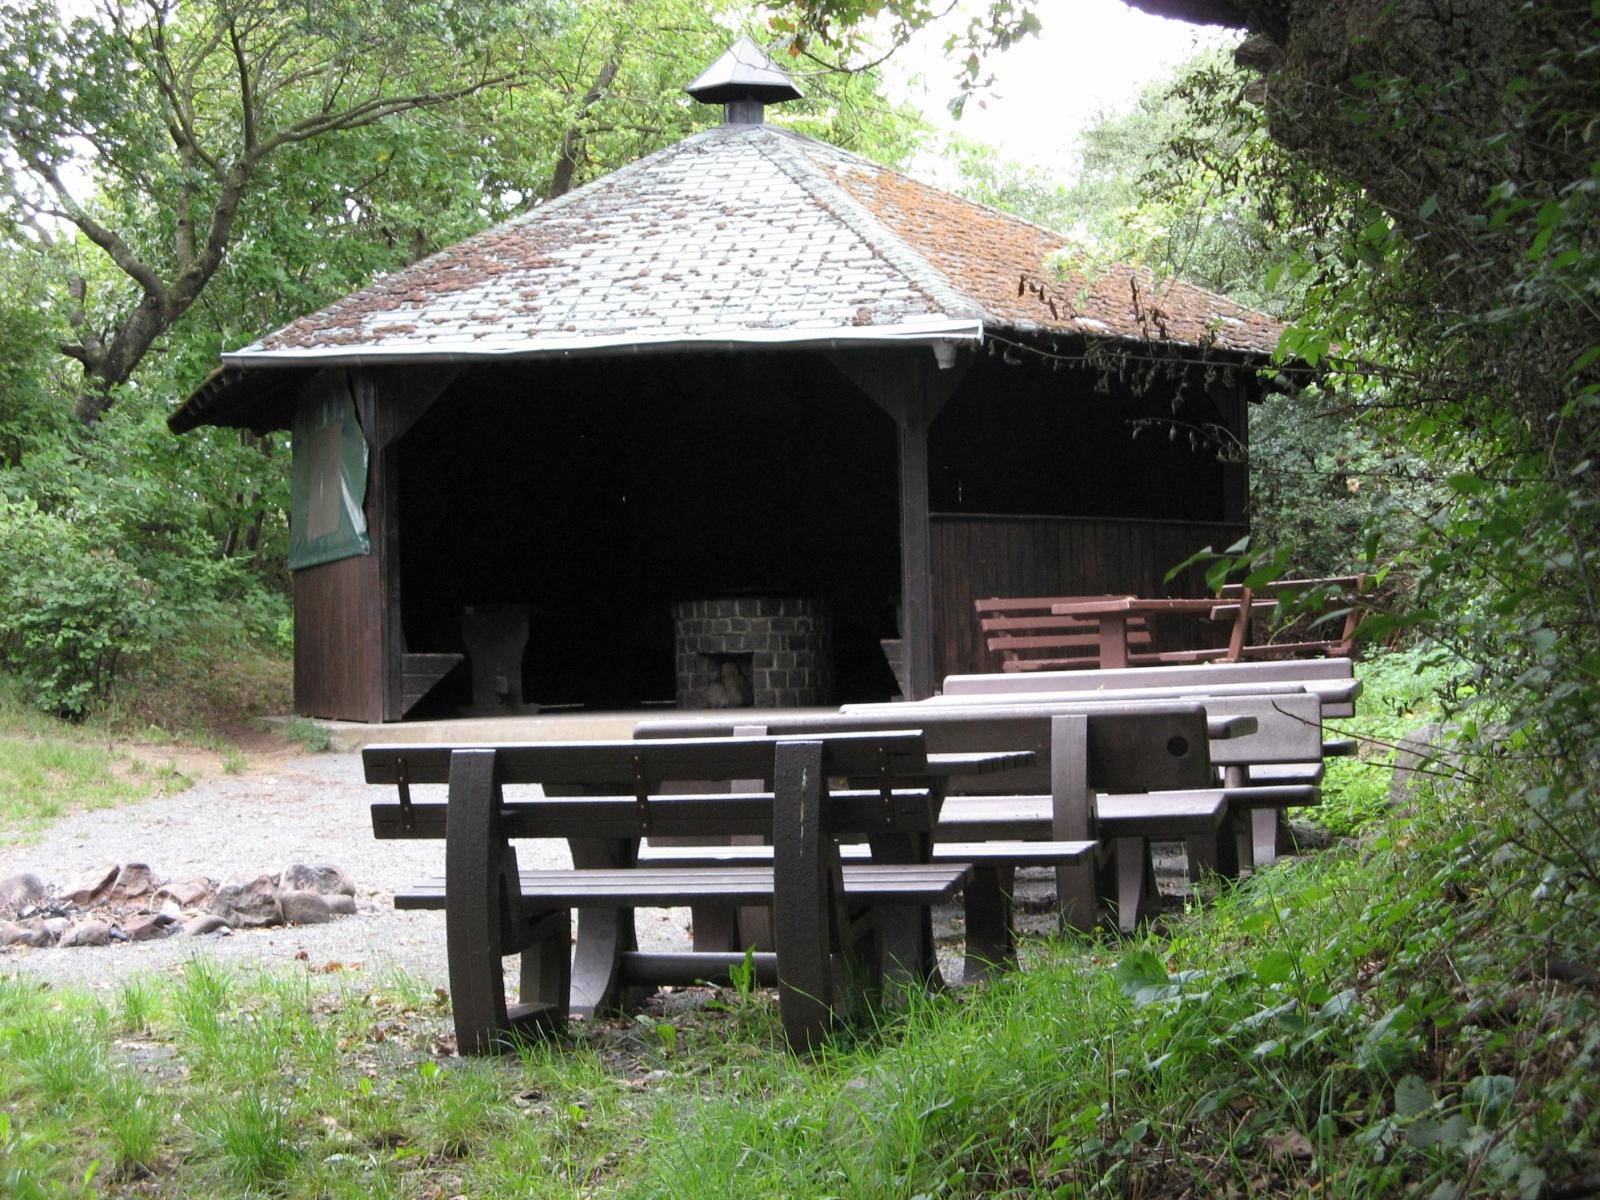 71-Grillplatz